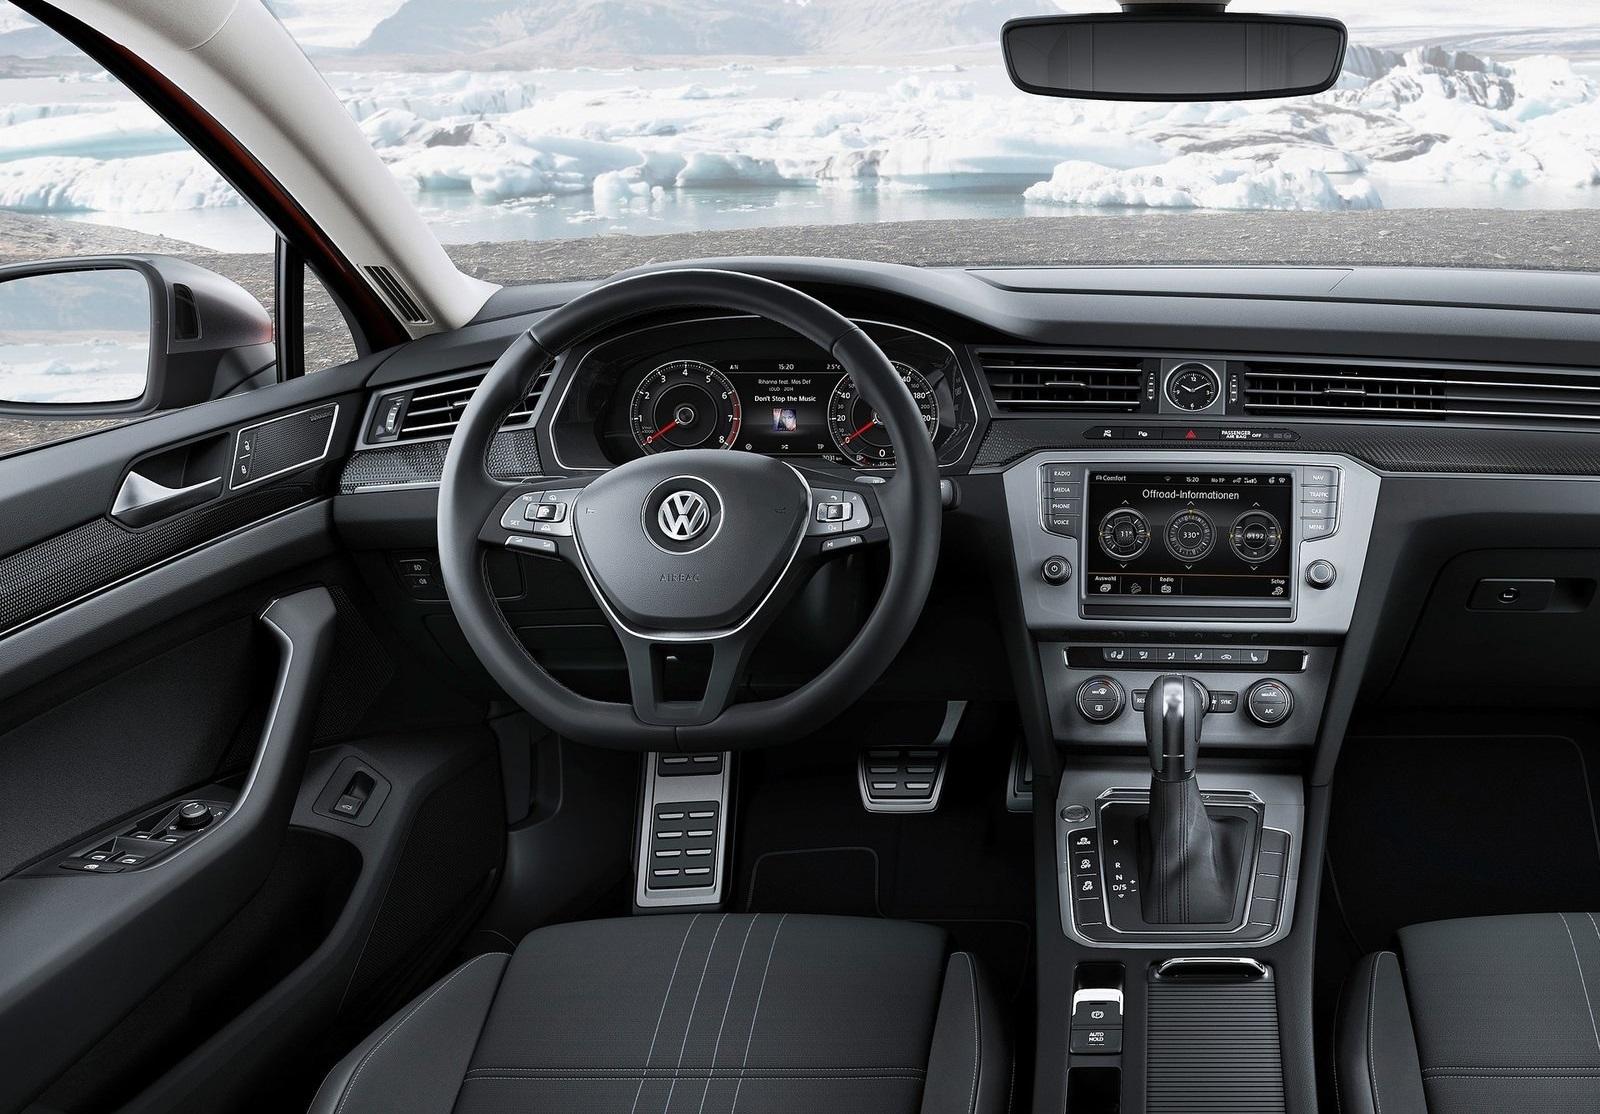 2016 Volkswagen Passat Alltrack Cockpit And Speedometer (View 11 of 18)